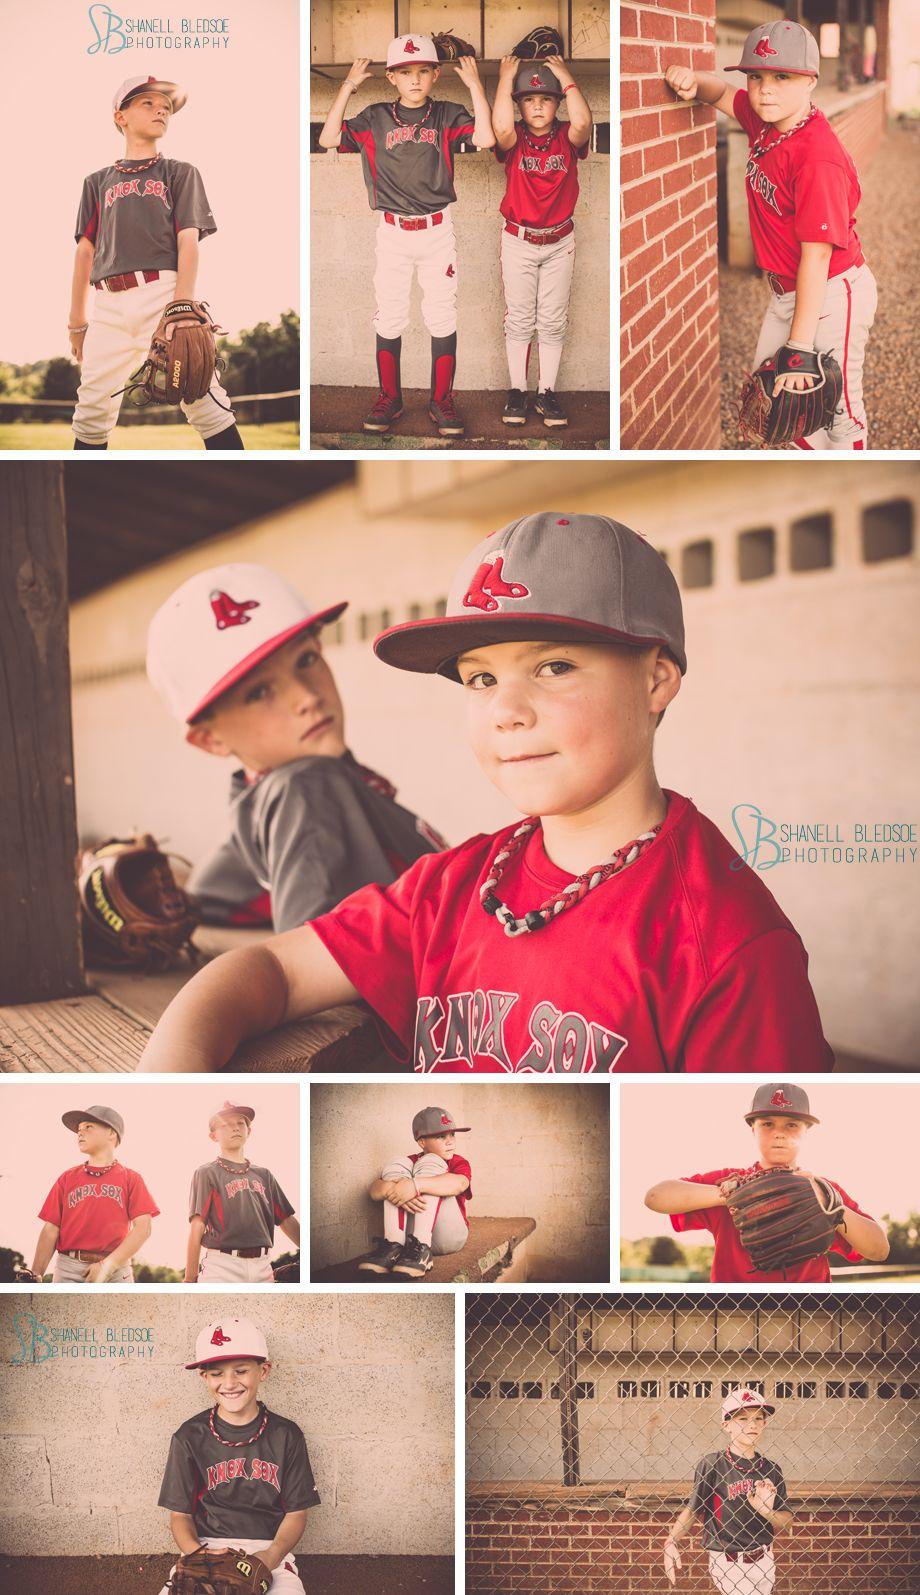 Bledsoe Photography Baseball Photography Little League Baseball Kids Sports Photography